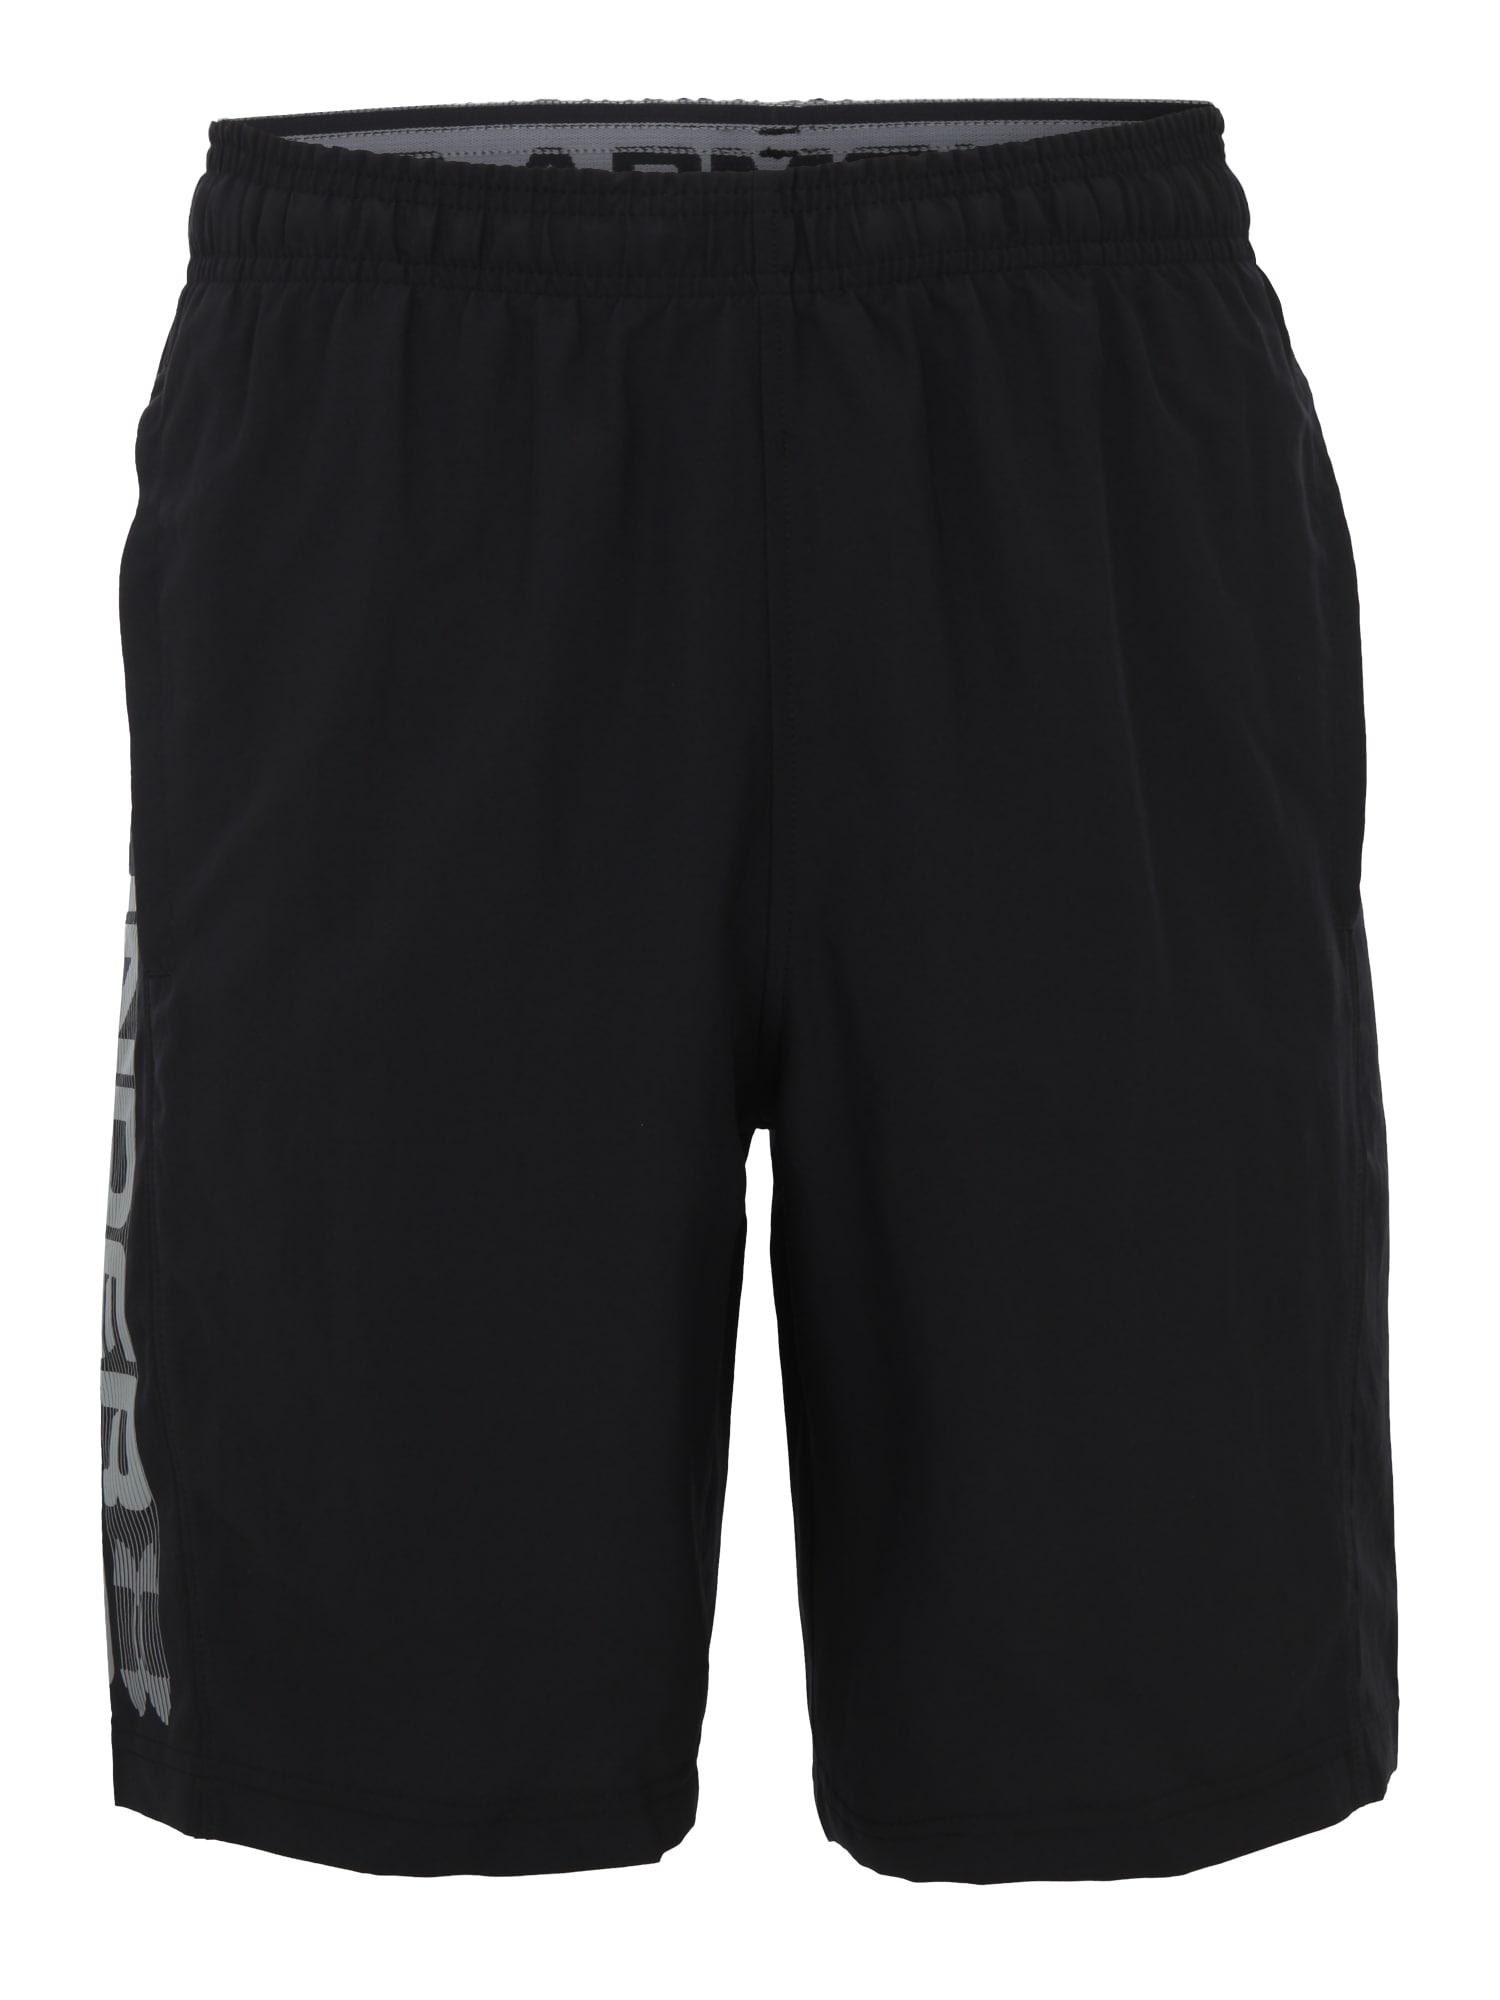 UNDER ARMOUR Sportinės kelnės pilka / juoda